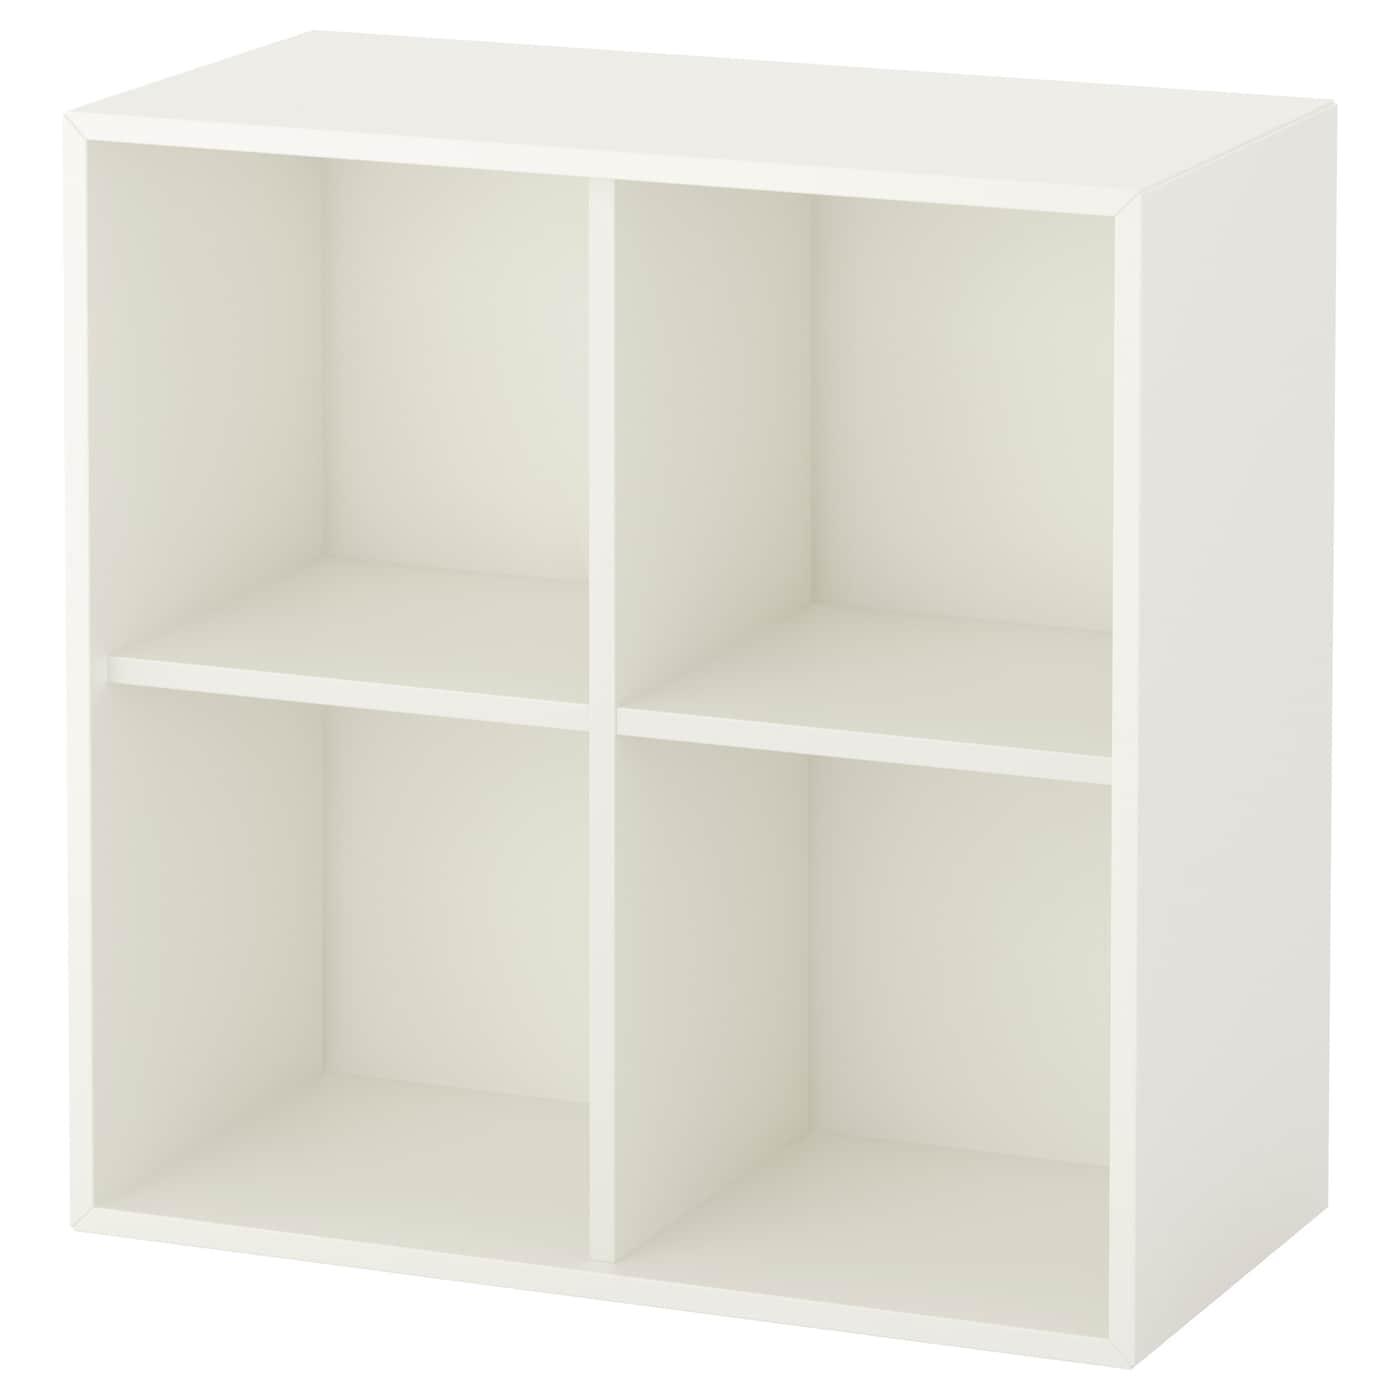 Libreria Da Parete Ikea libreria bianco da parete cubo, ikea eket mobile barbecue e